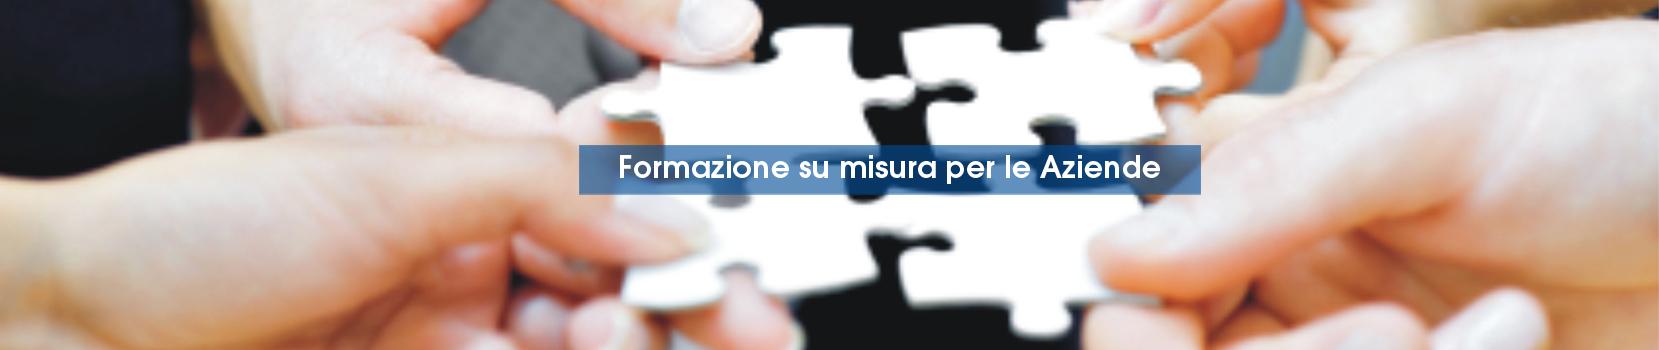 slide_formazione_su_misura_per_le_aziende